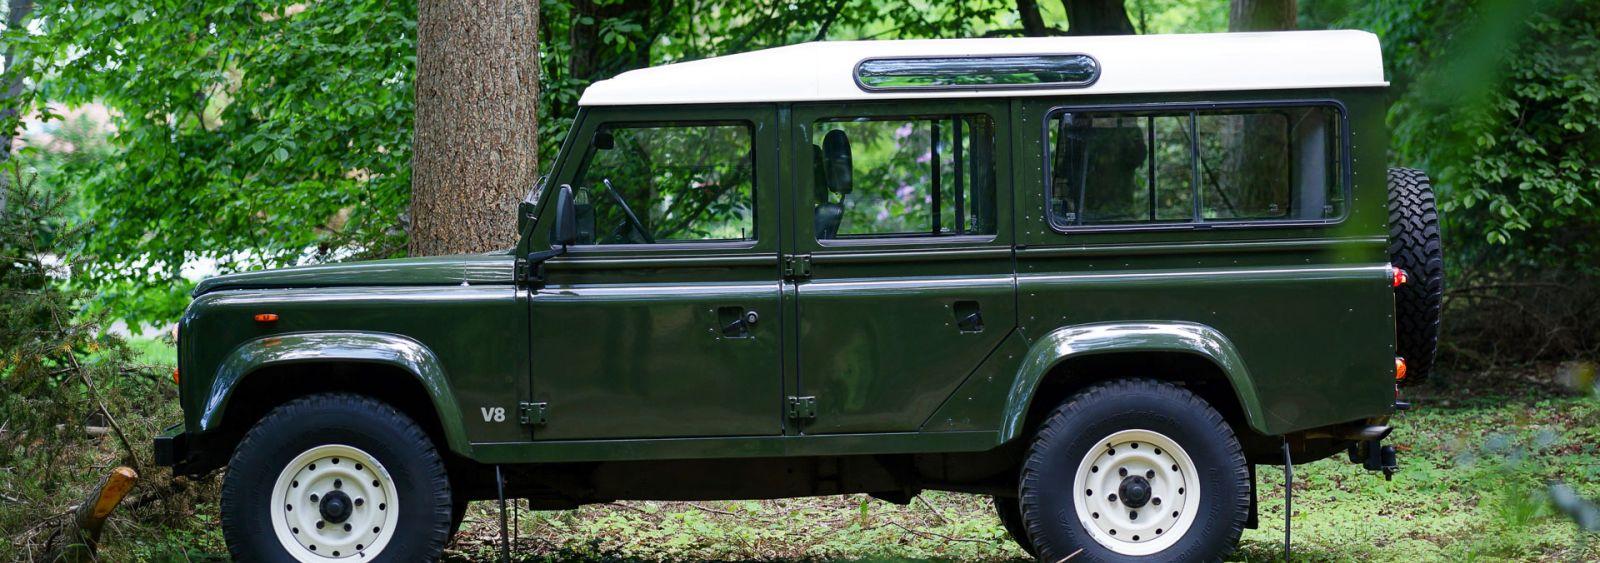 Land Rover Defender 110 V8 Lwb 1985 Welcome To